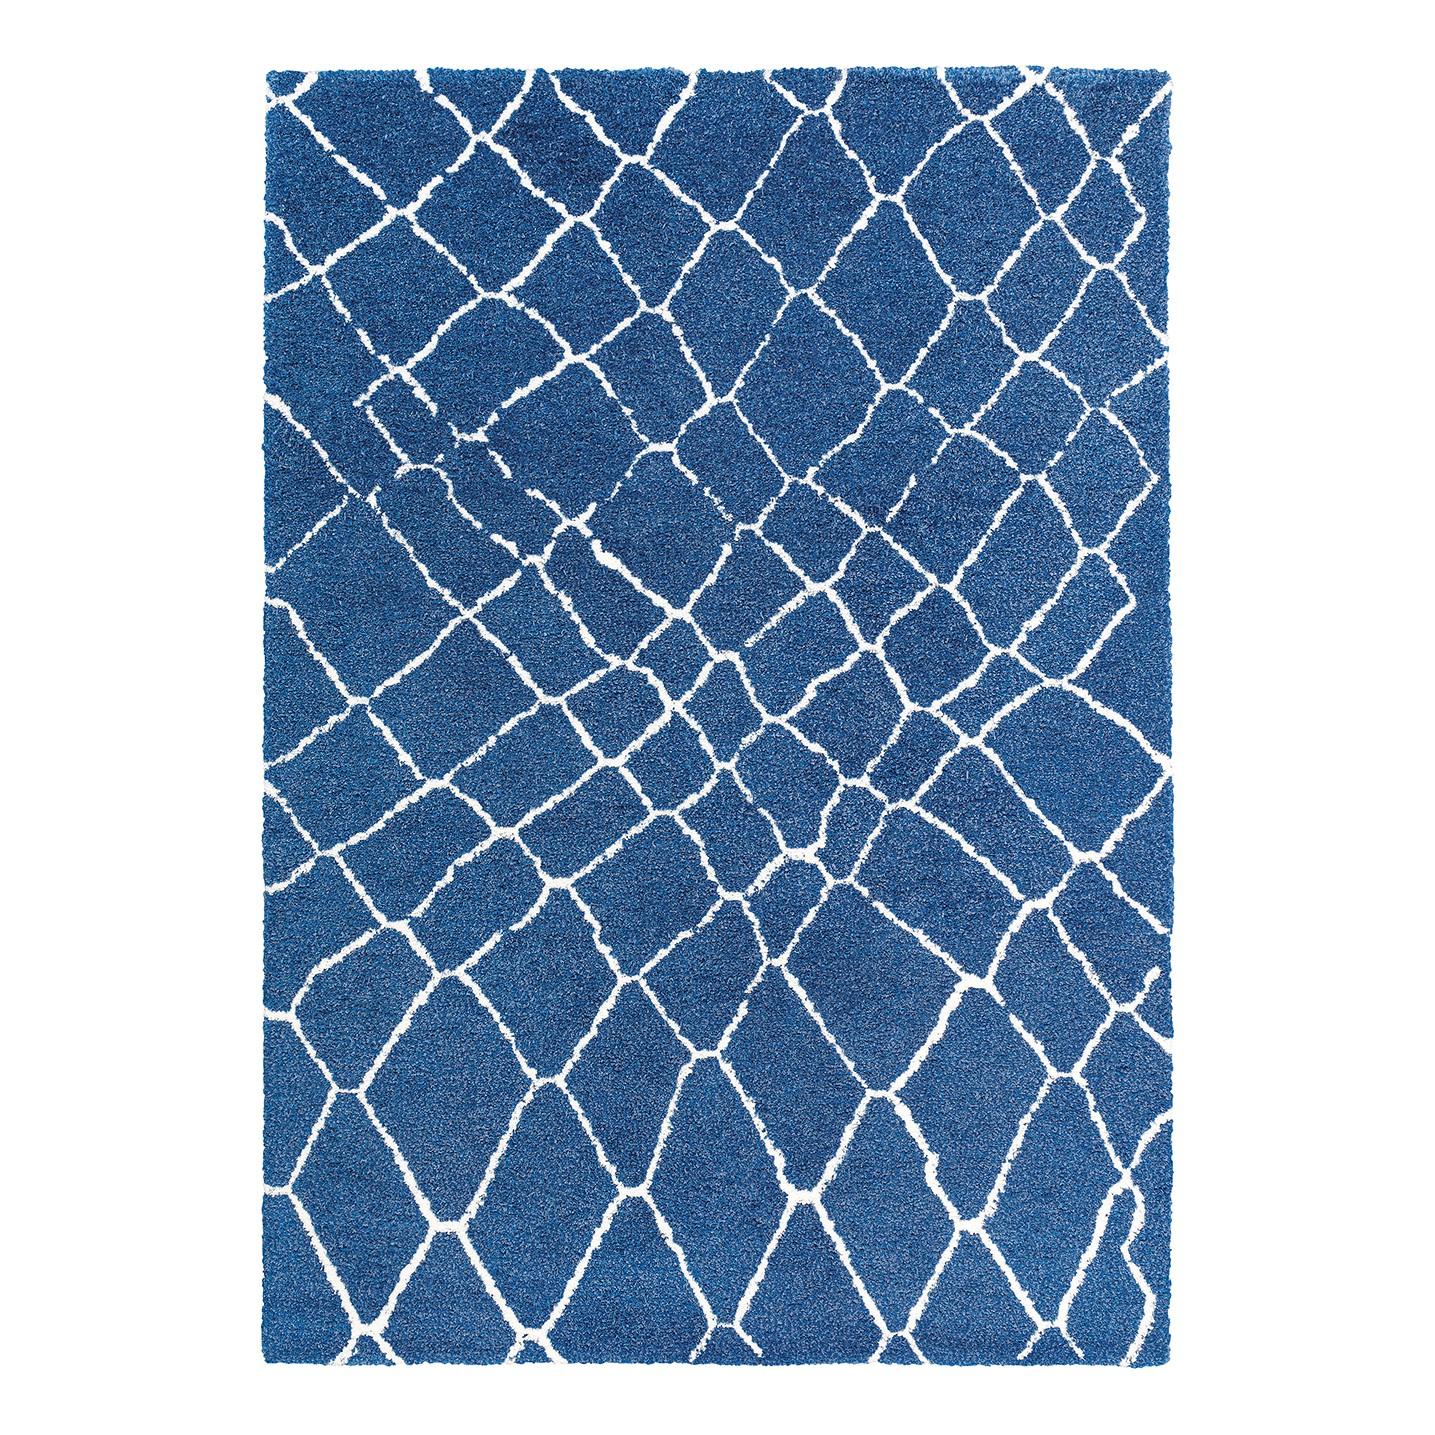 Teppich Dream - Kunstfaser - Brilliantblau - 120 x 180 cm, Schöner Wohnen Kollektion